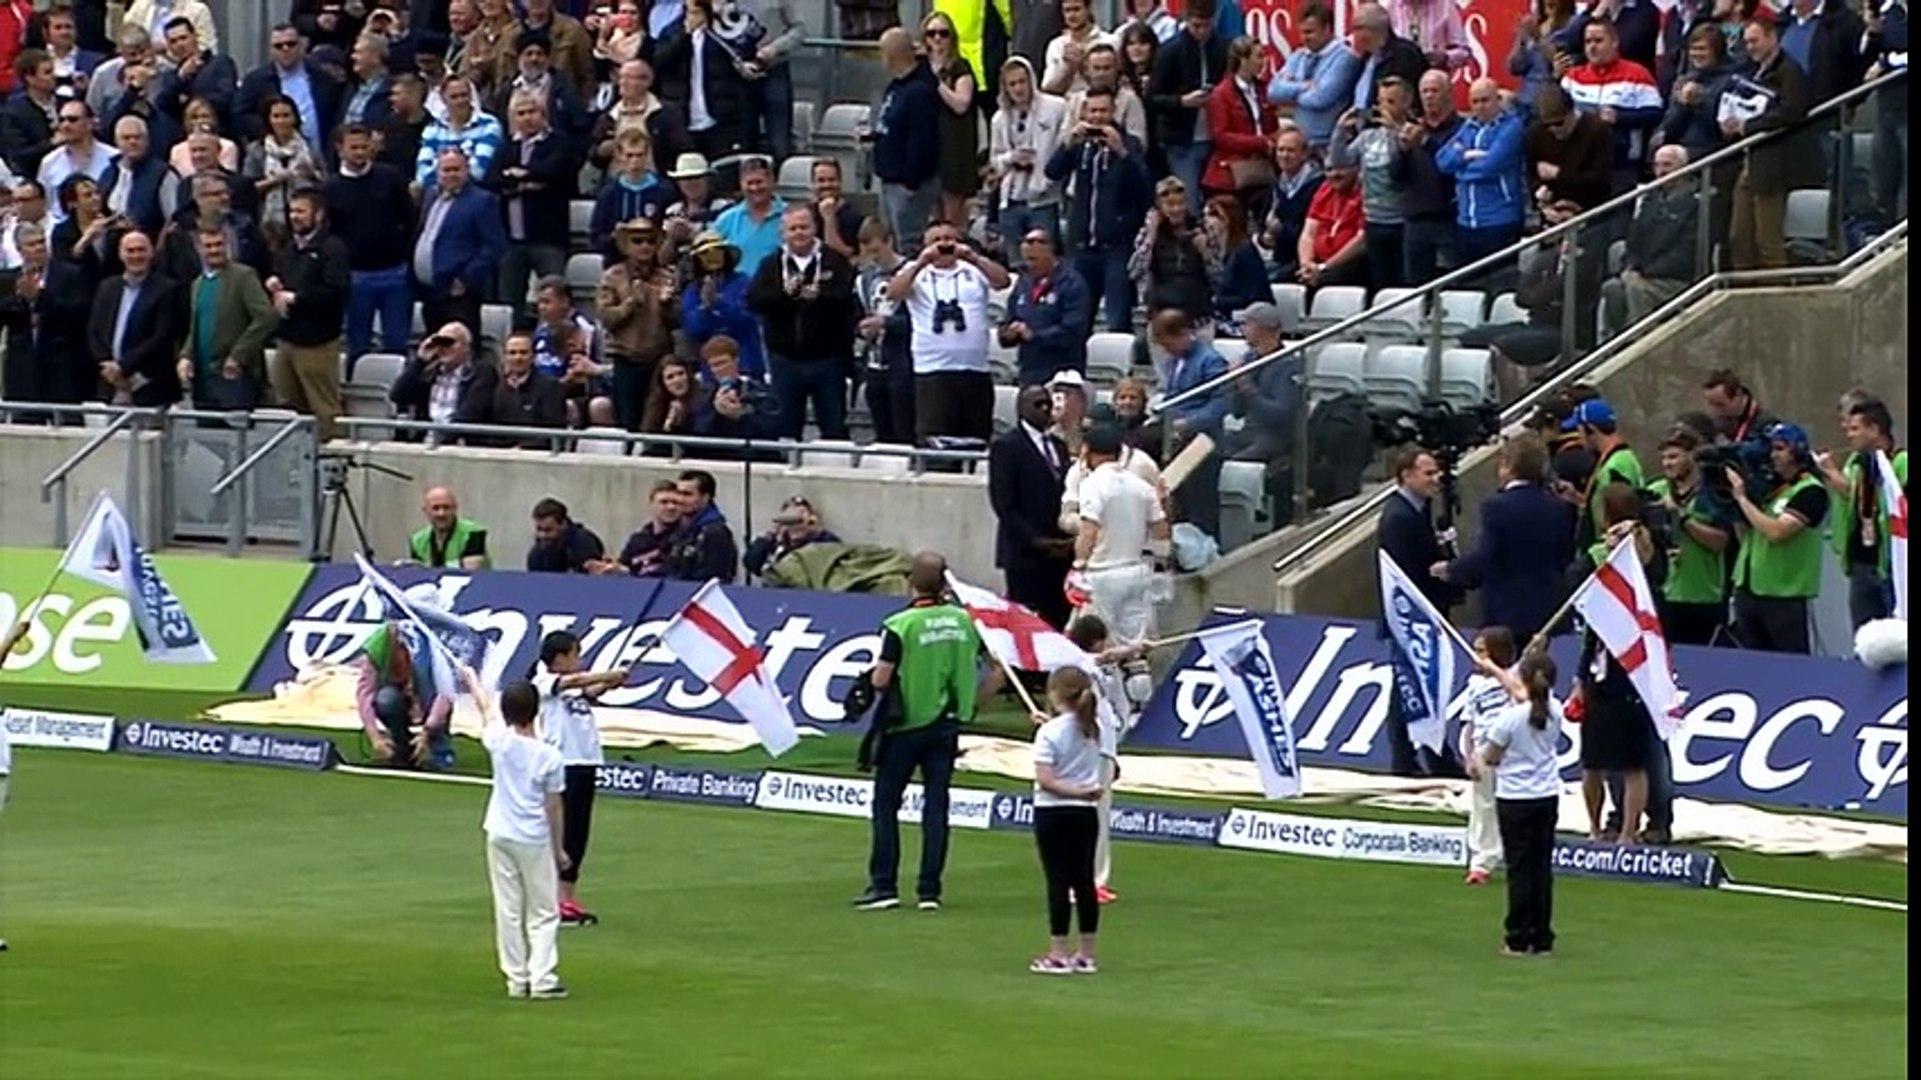 England bowl Australia out for 136 at Edgbaston - dailymotion